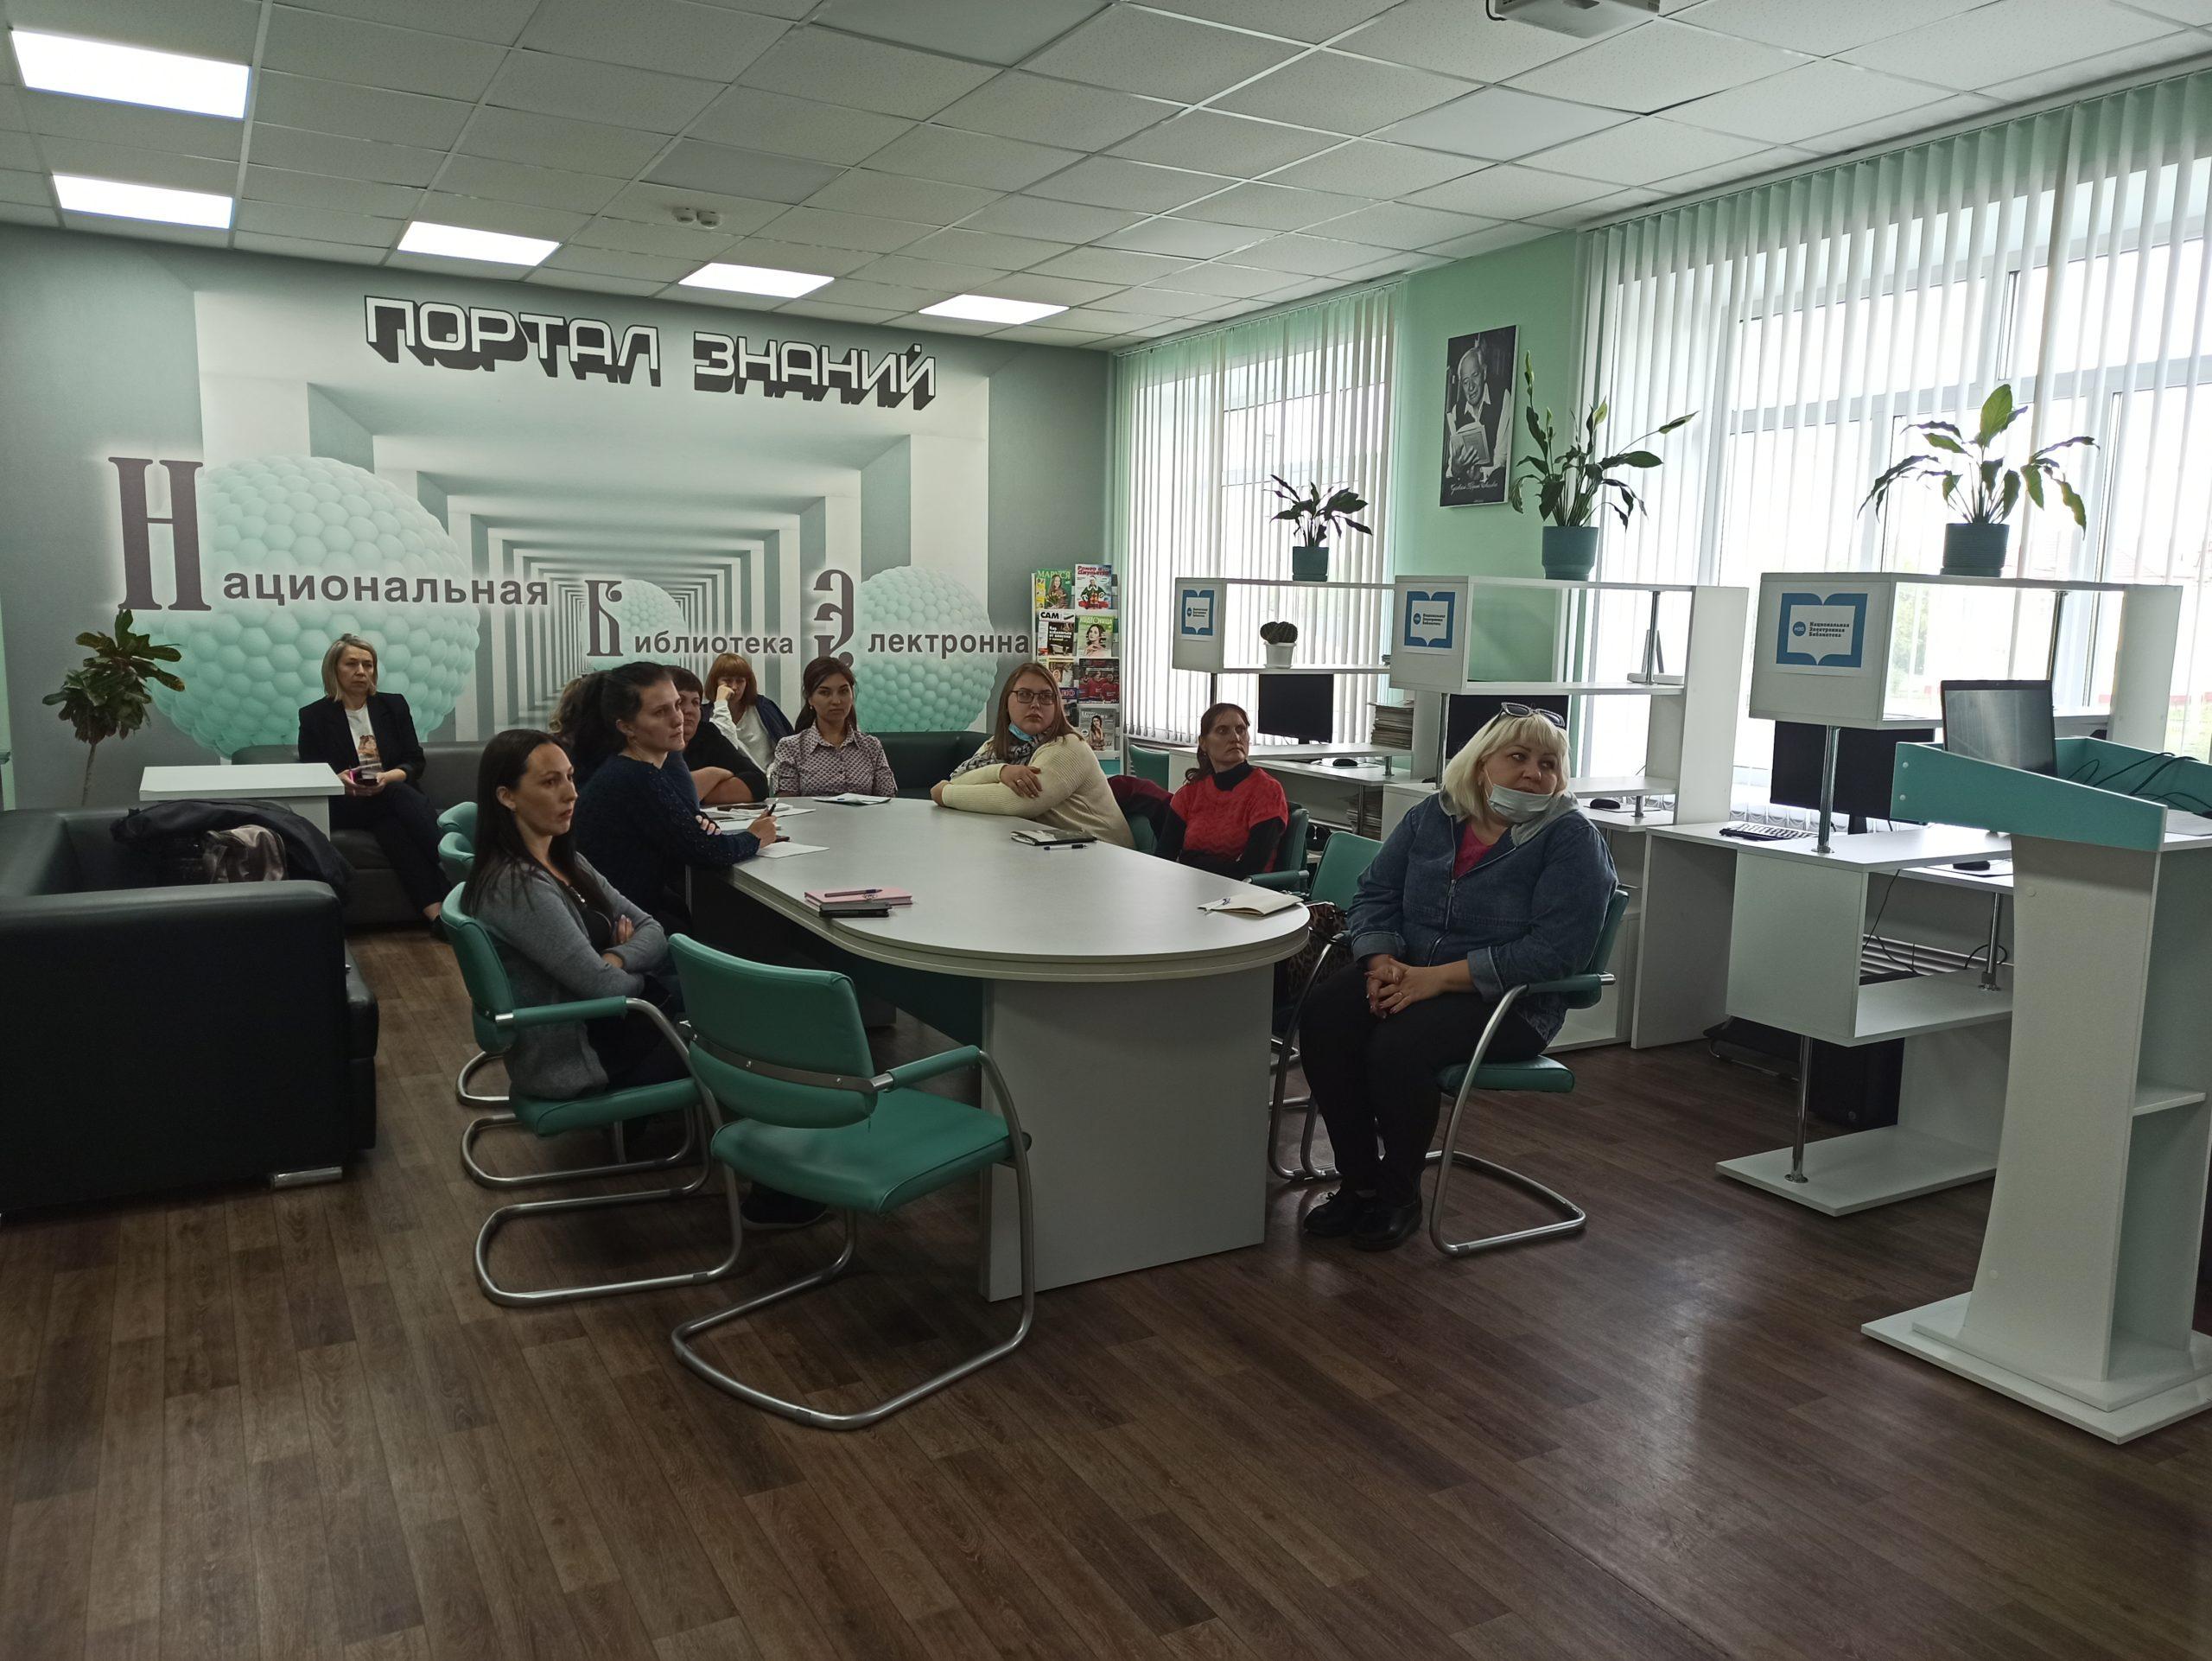 Заседание экспресс-университета «МИТ» по теме «Библиотека, как новое пространство для творчества Формы и методы»